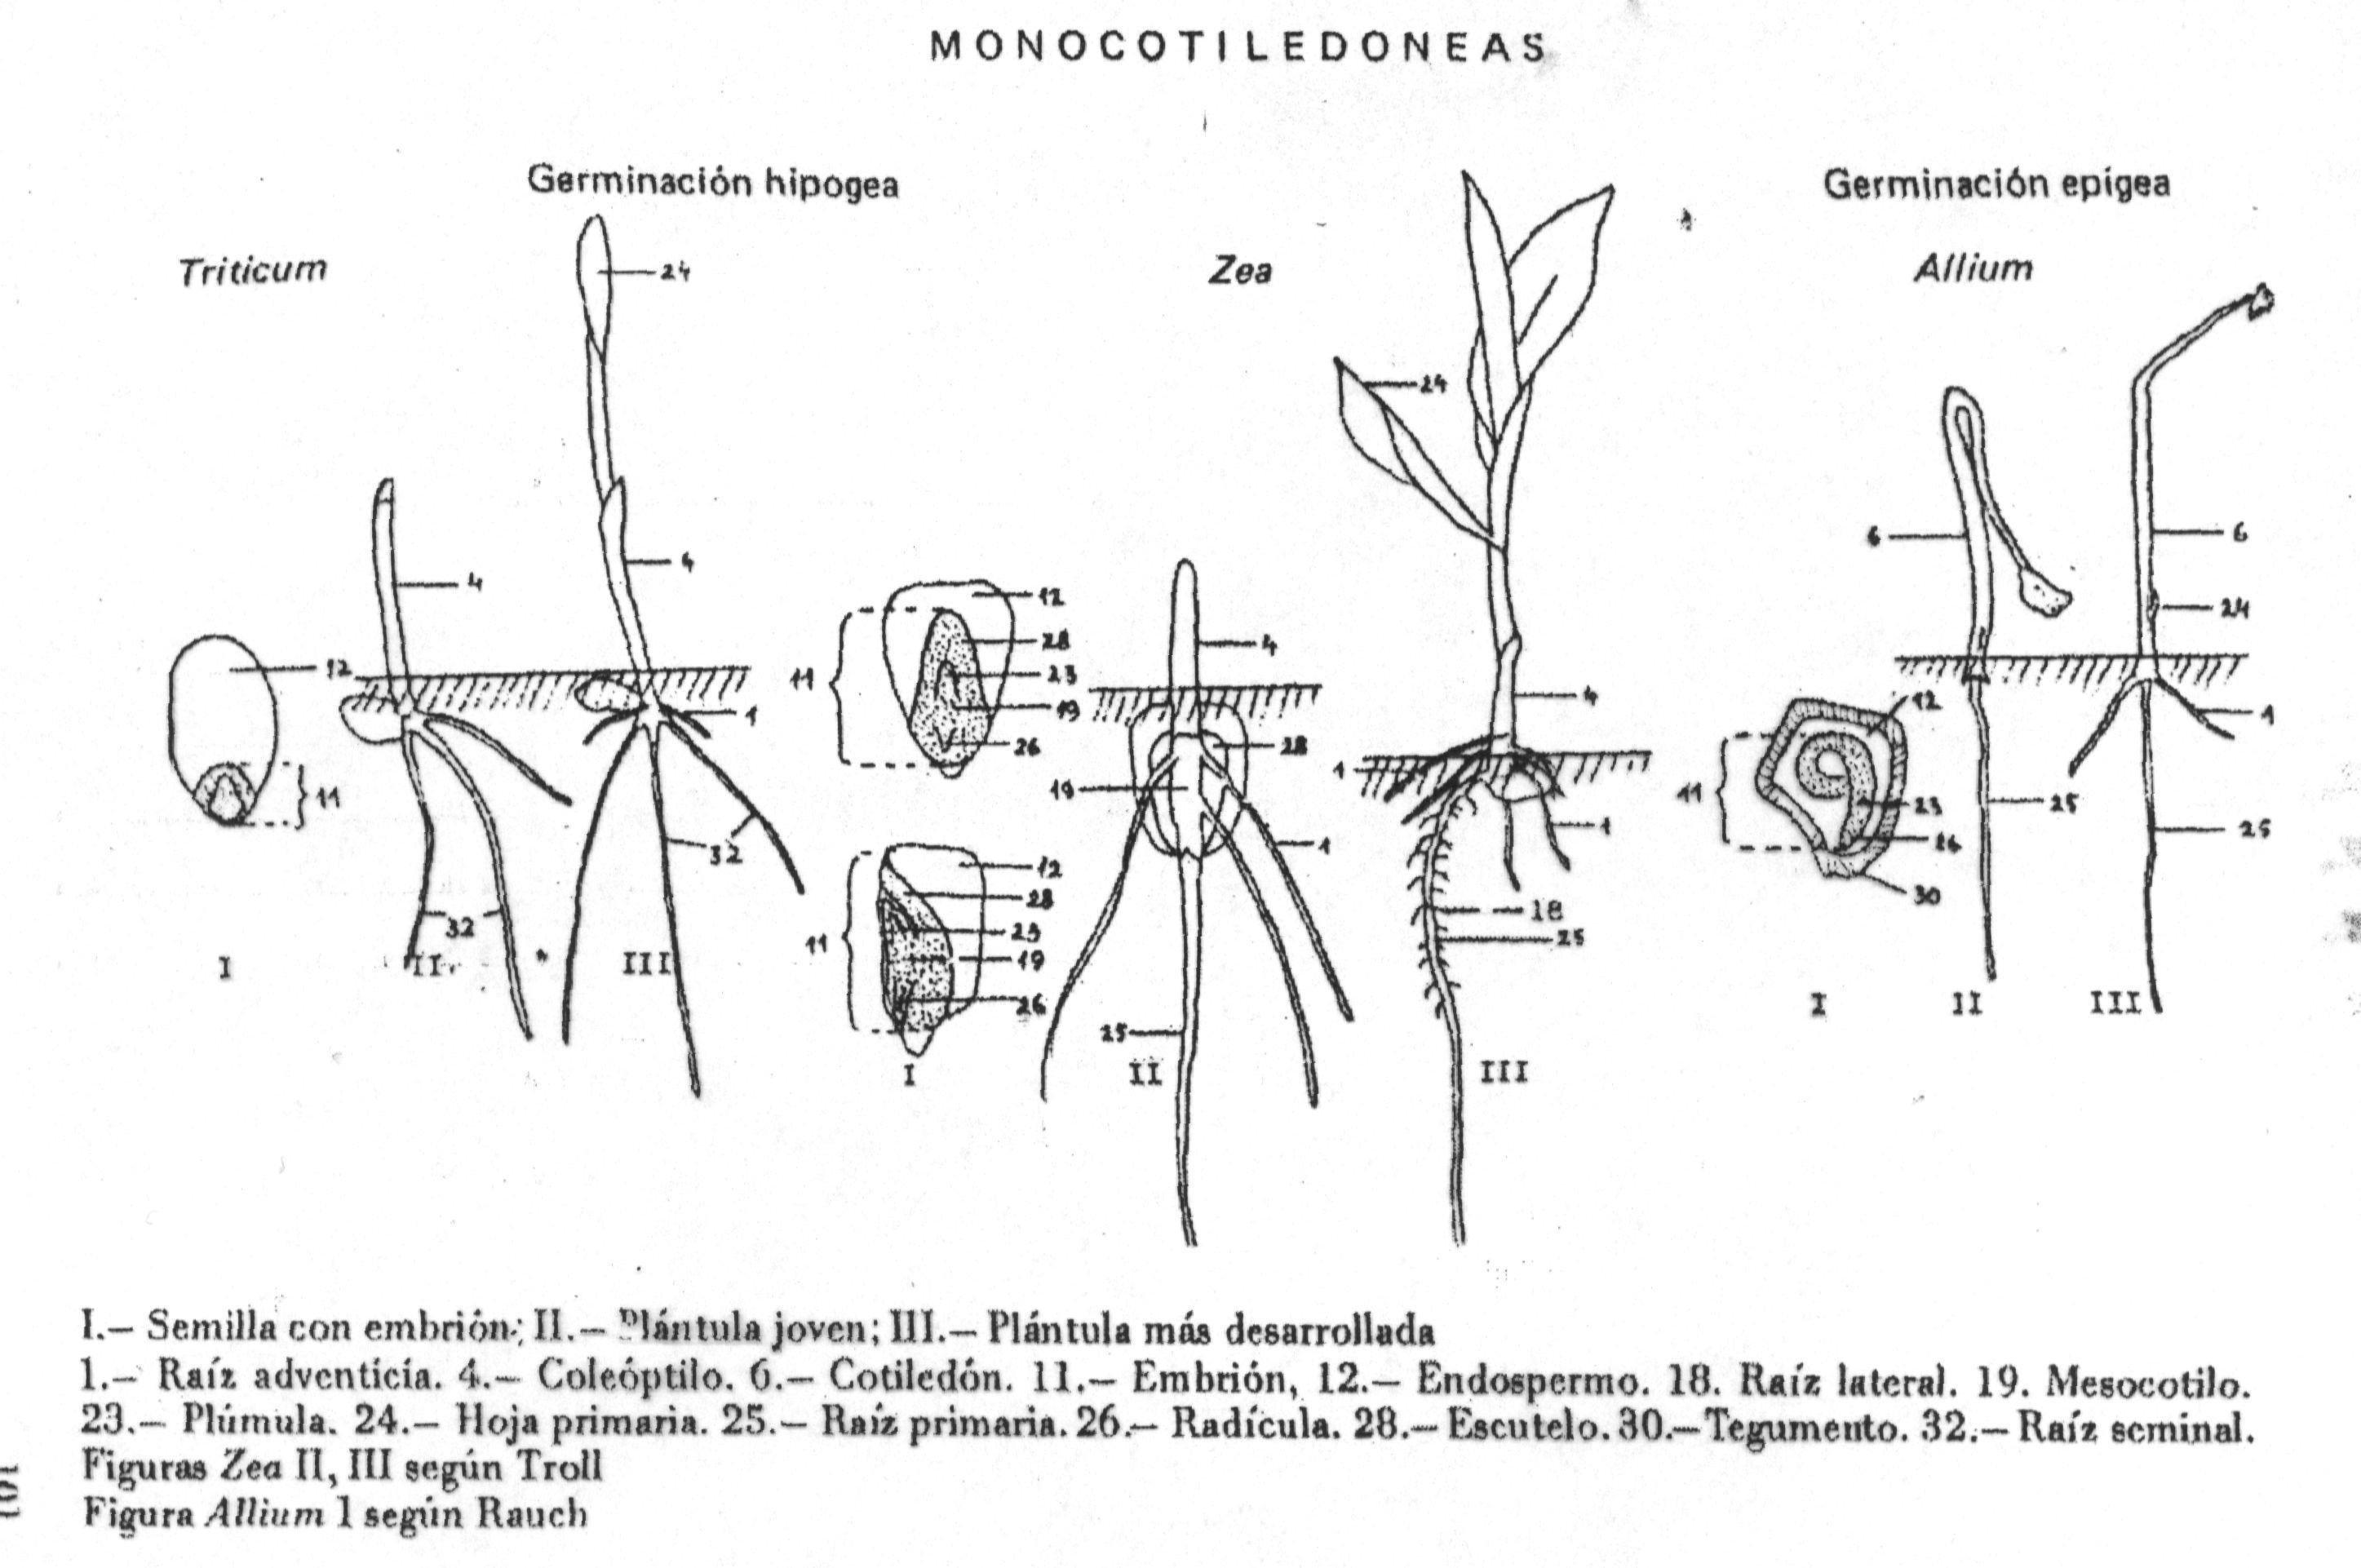 Diferencias en raiz entre monocotiledoneas y dicotiledoneas? | Yahoo ...